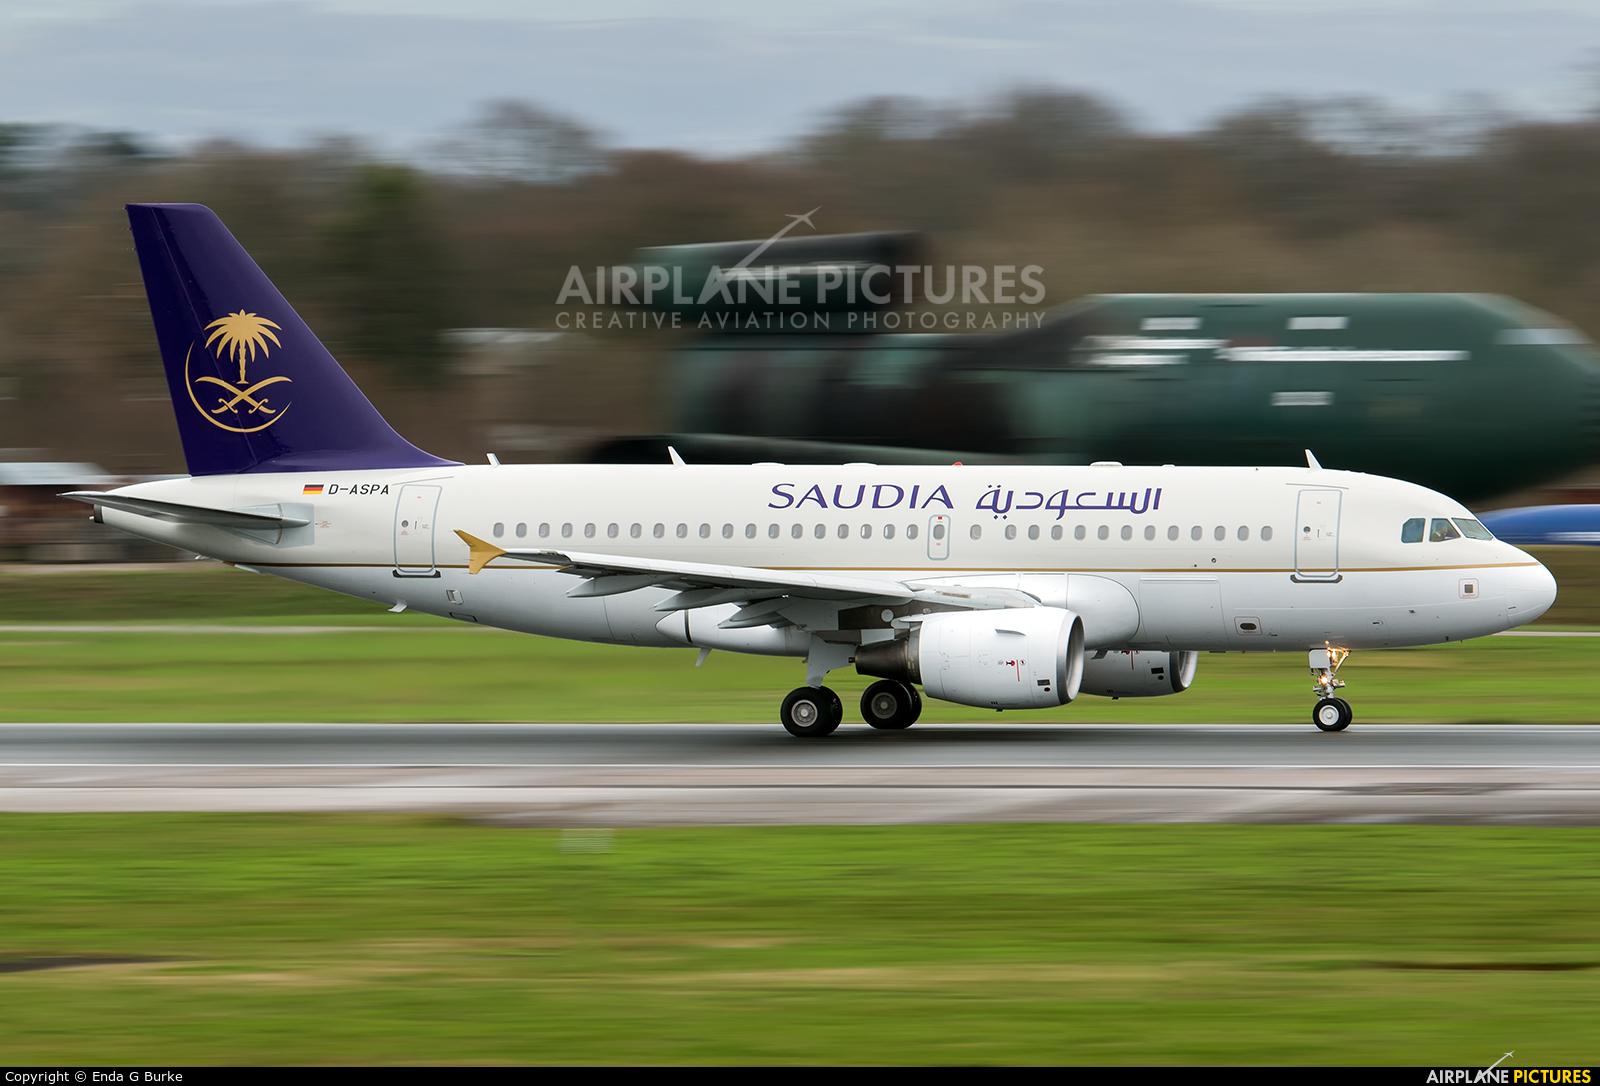 Saudi Arabian Airlines D-ASPA aircraft at Manchester